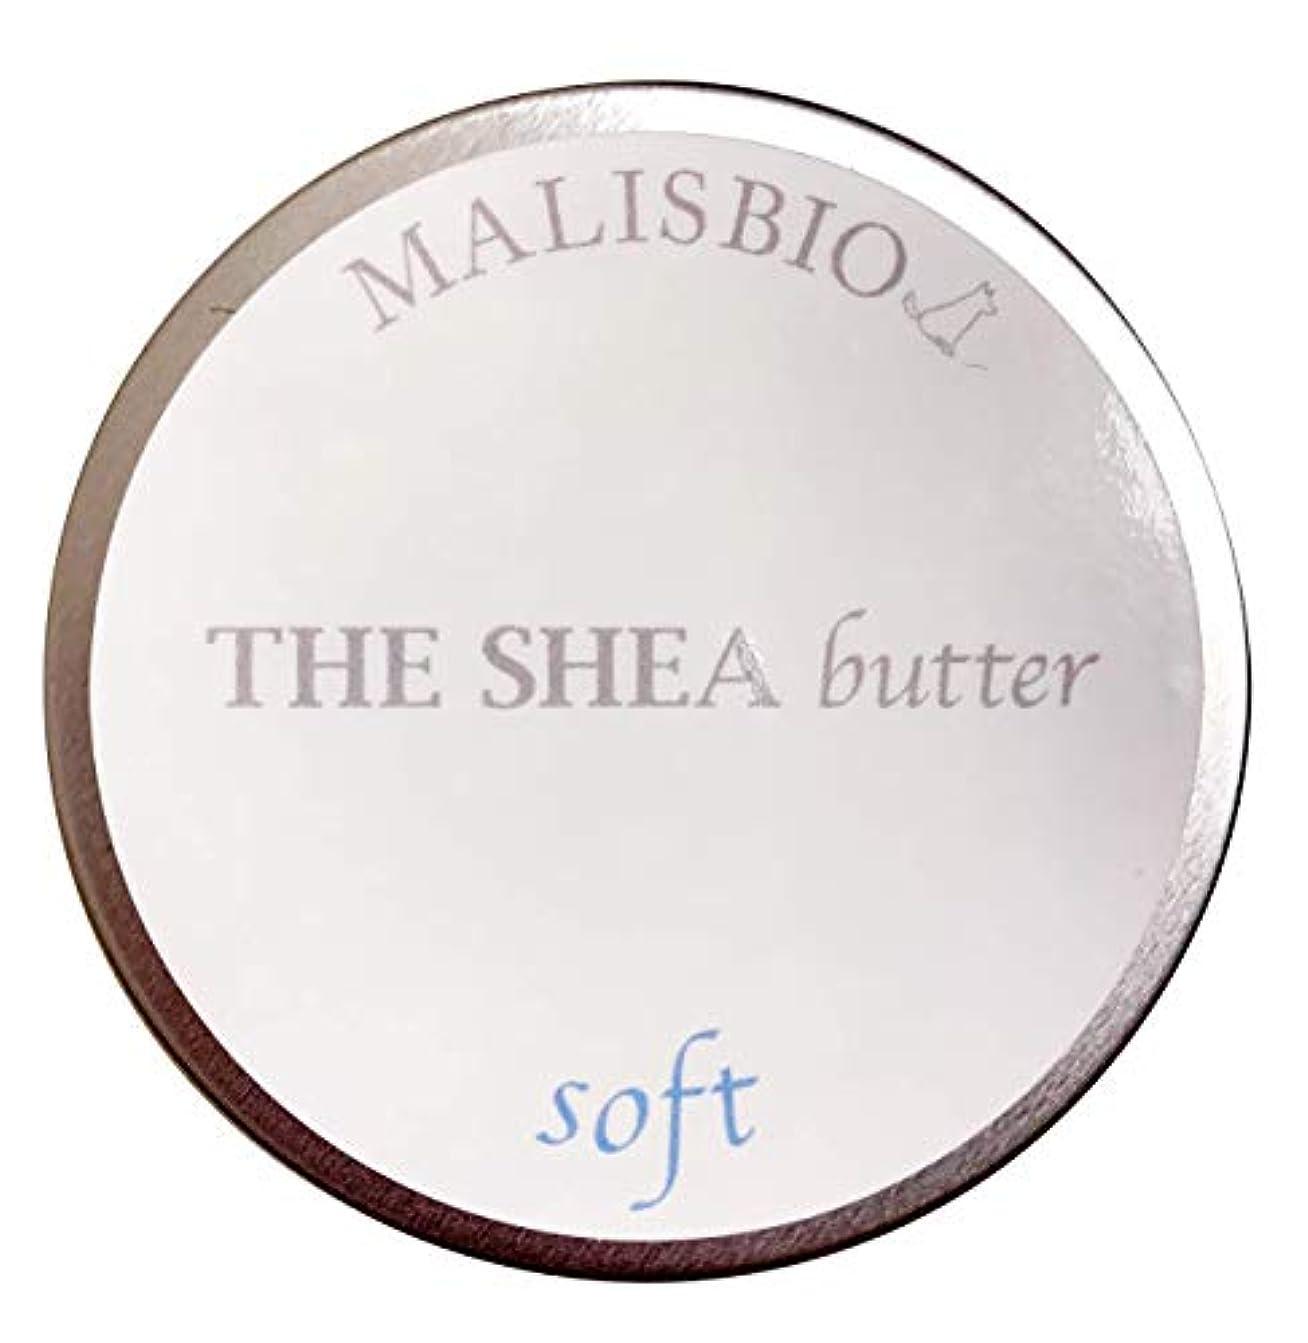 恐ろしい思春期の粉砕するマリスビオ(MALISBIO) シアバター 柔らか オーガニック 認証 保湿バーム 50g スパチュラ